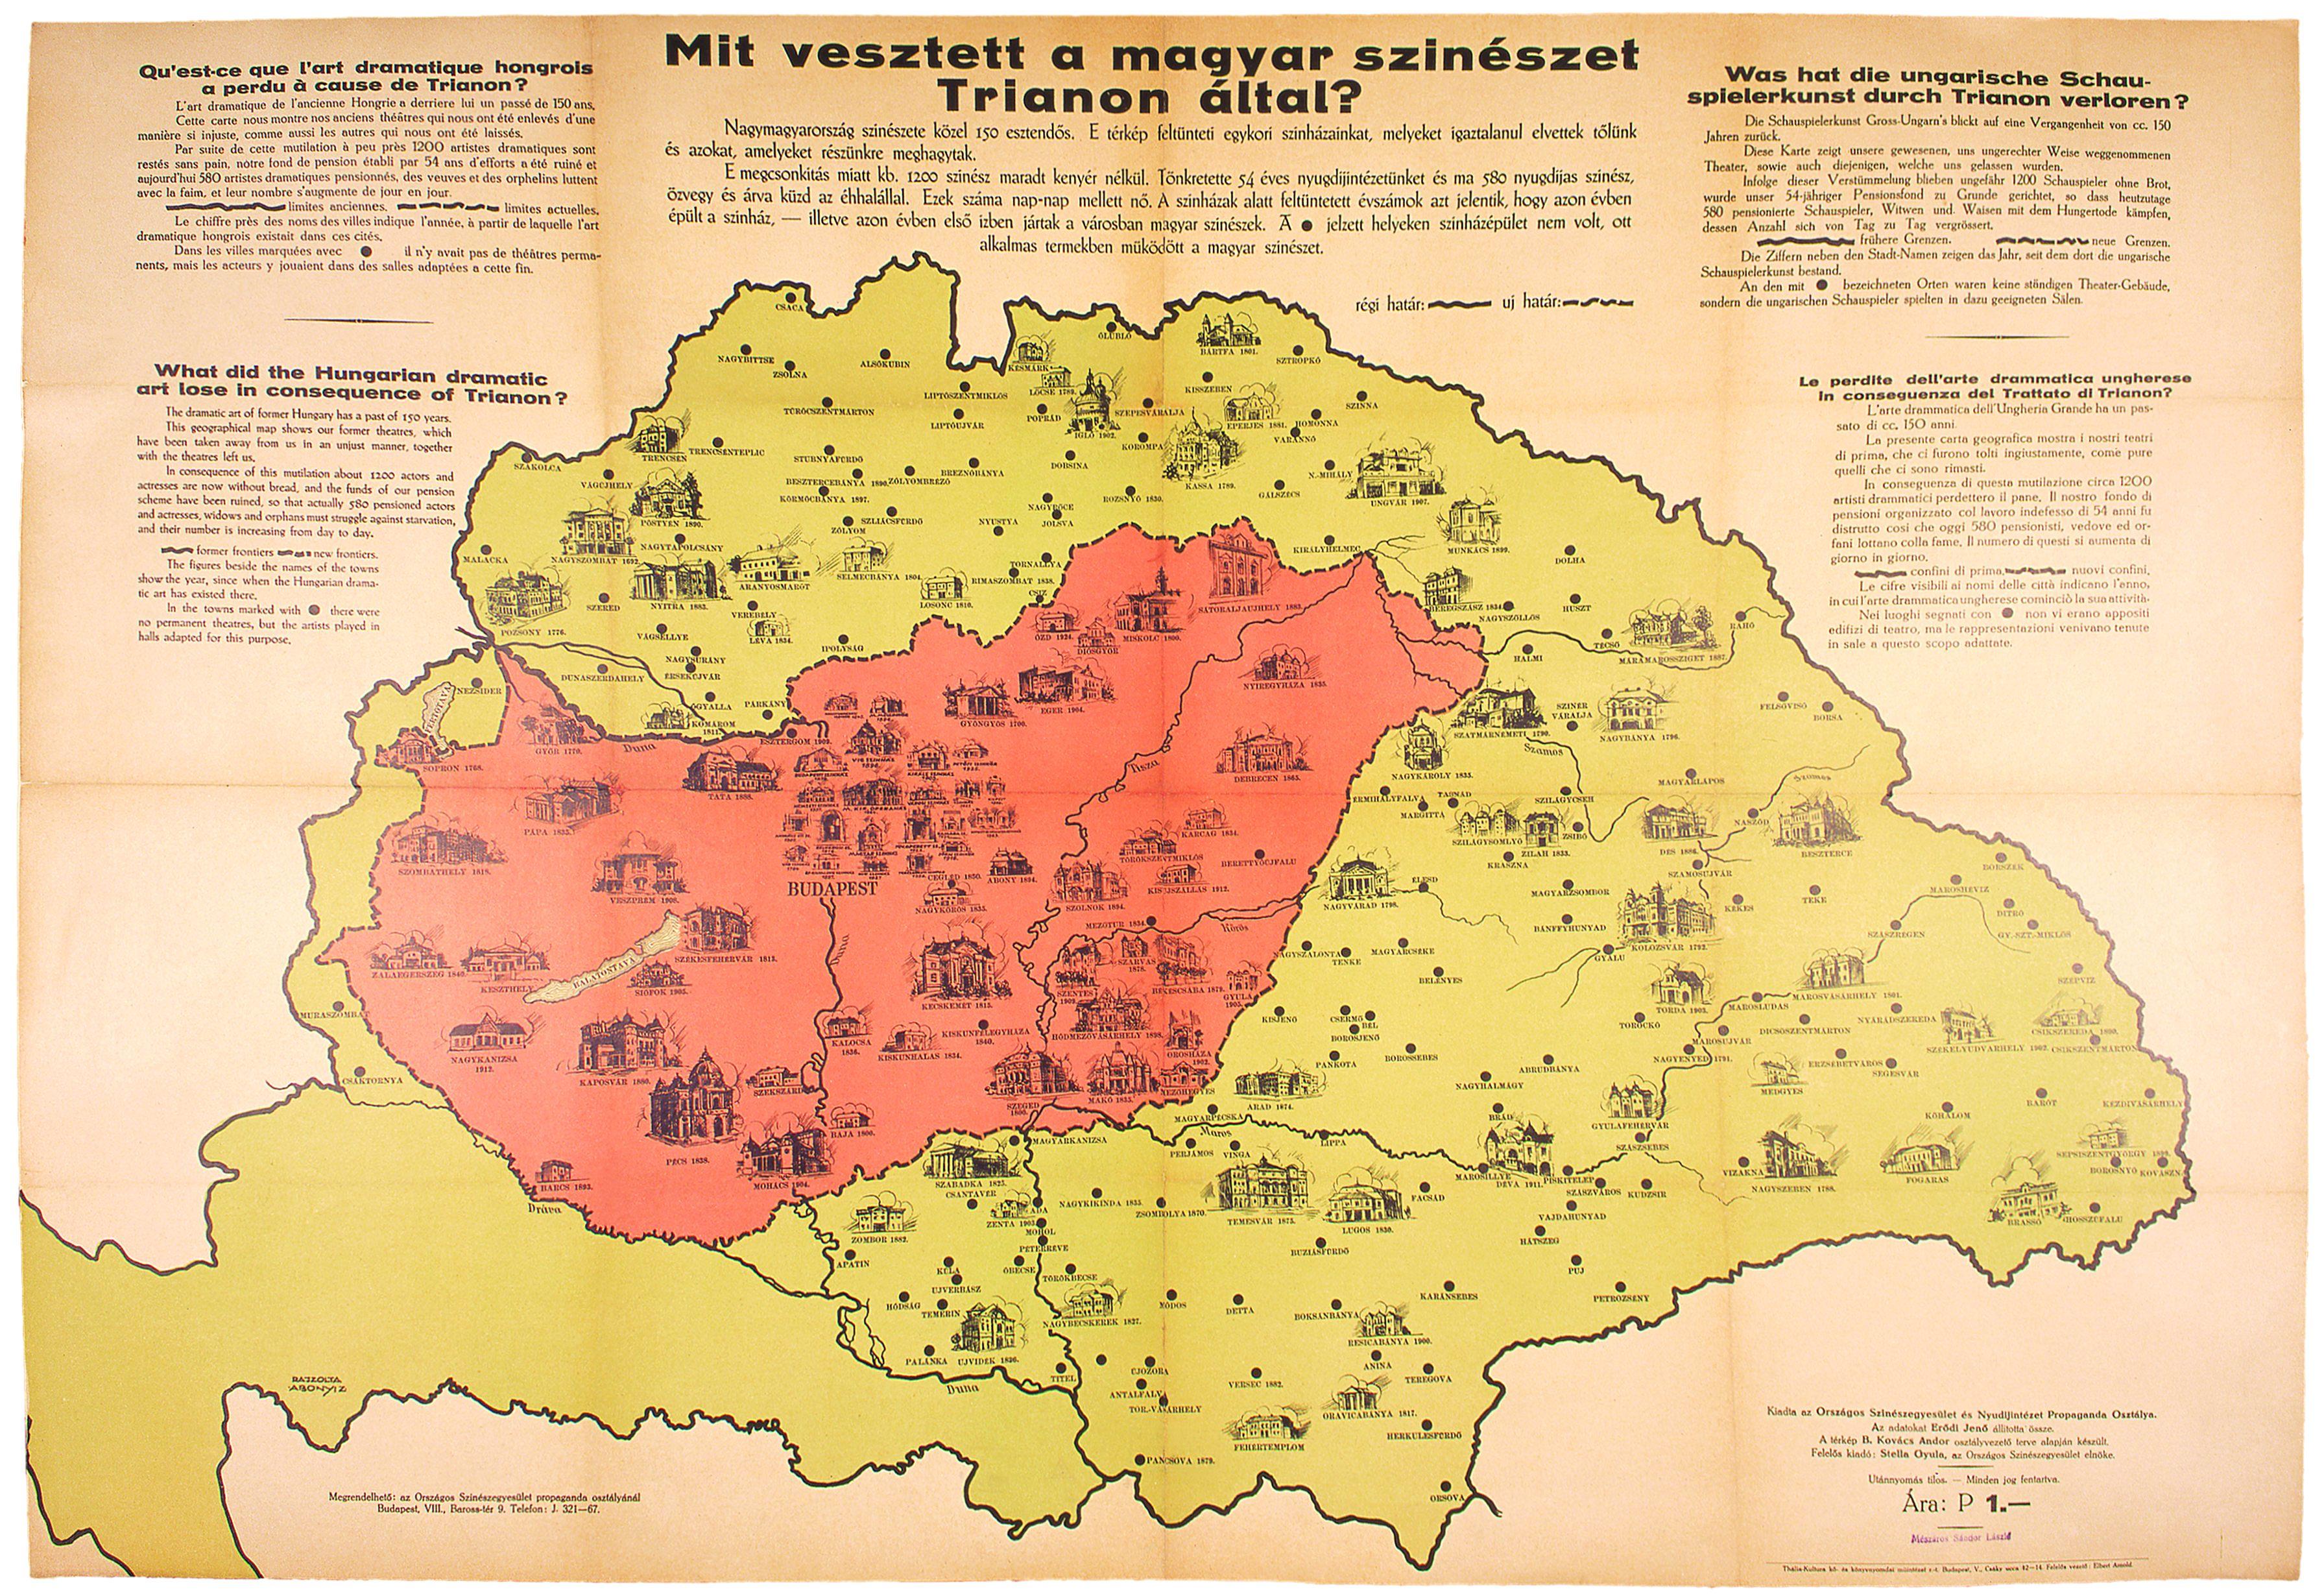 trianon térkép Mit vesztett a magyar szinészet Trianon által?   az Országos  trianon térkép